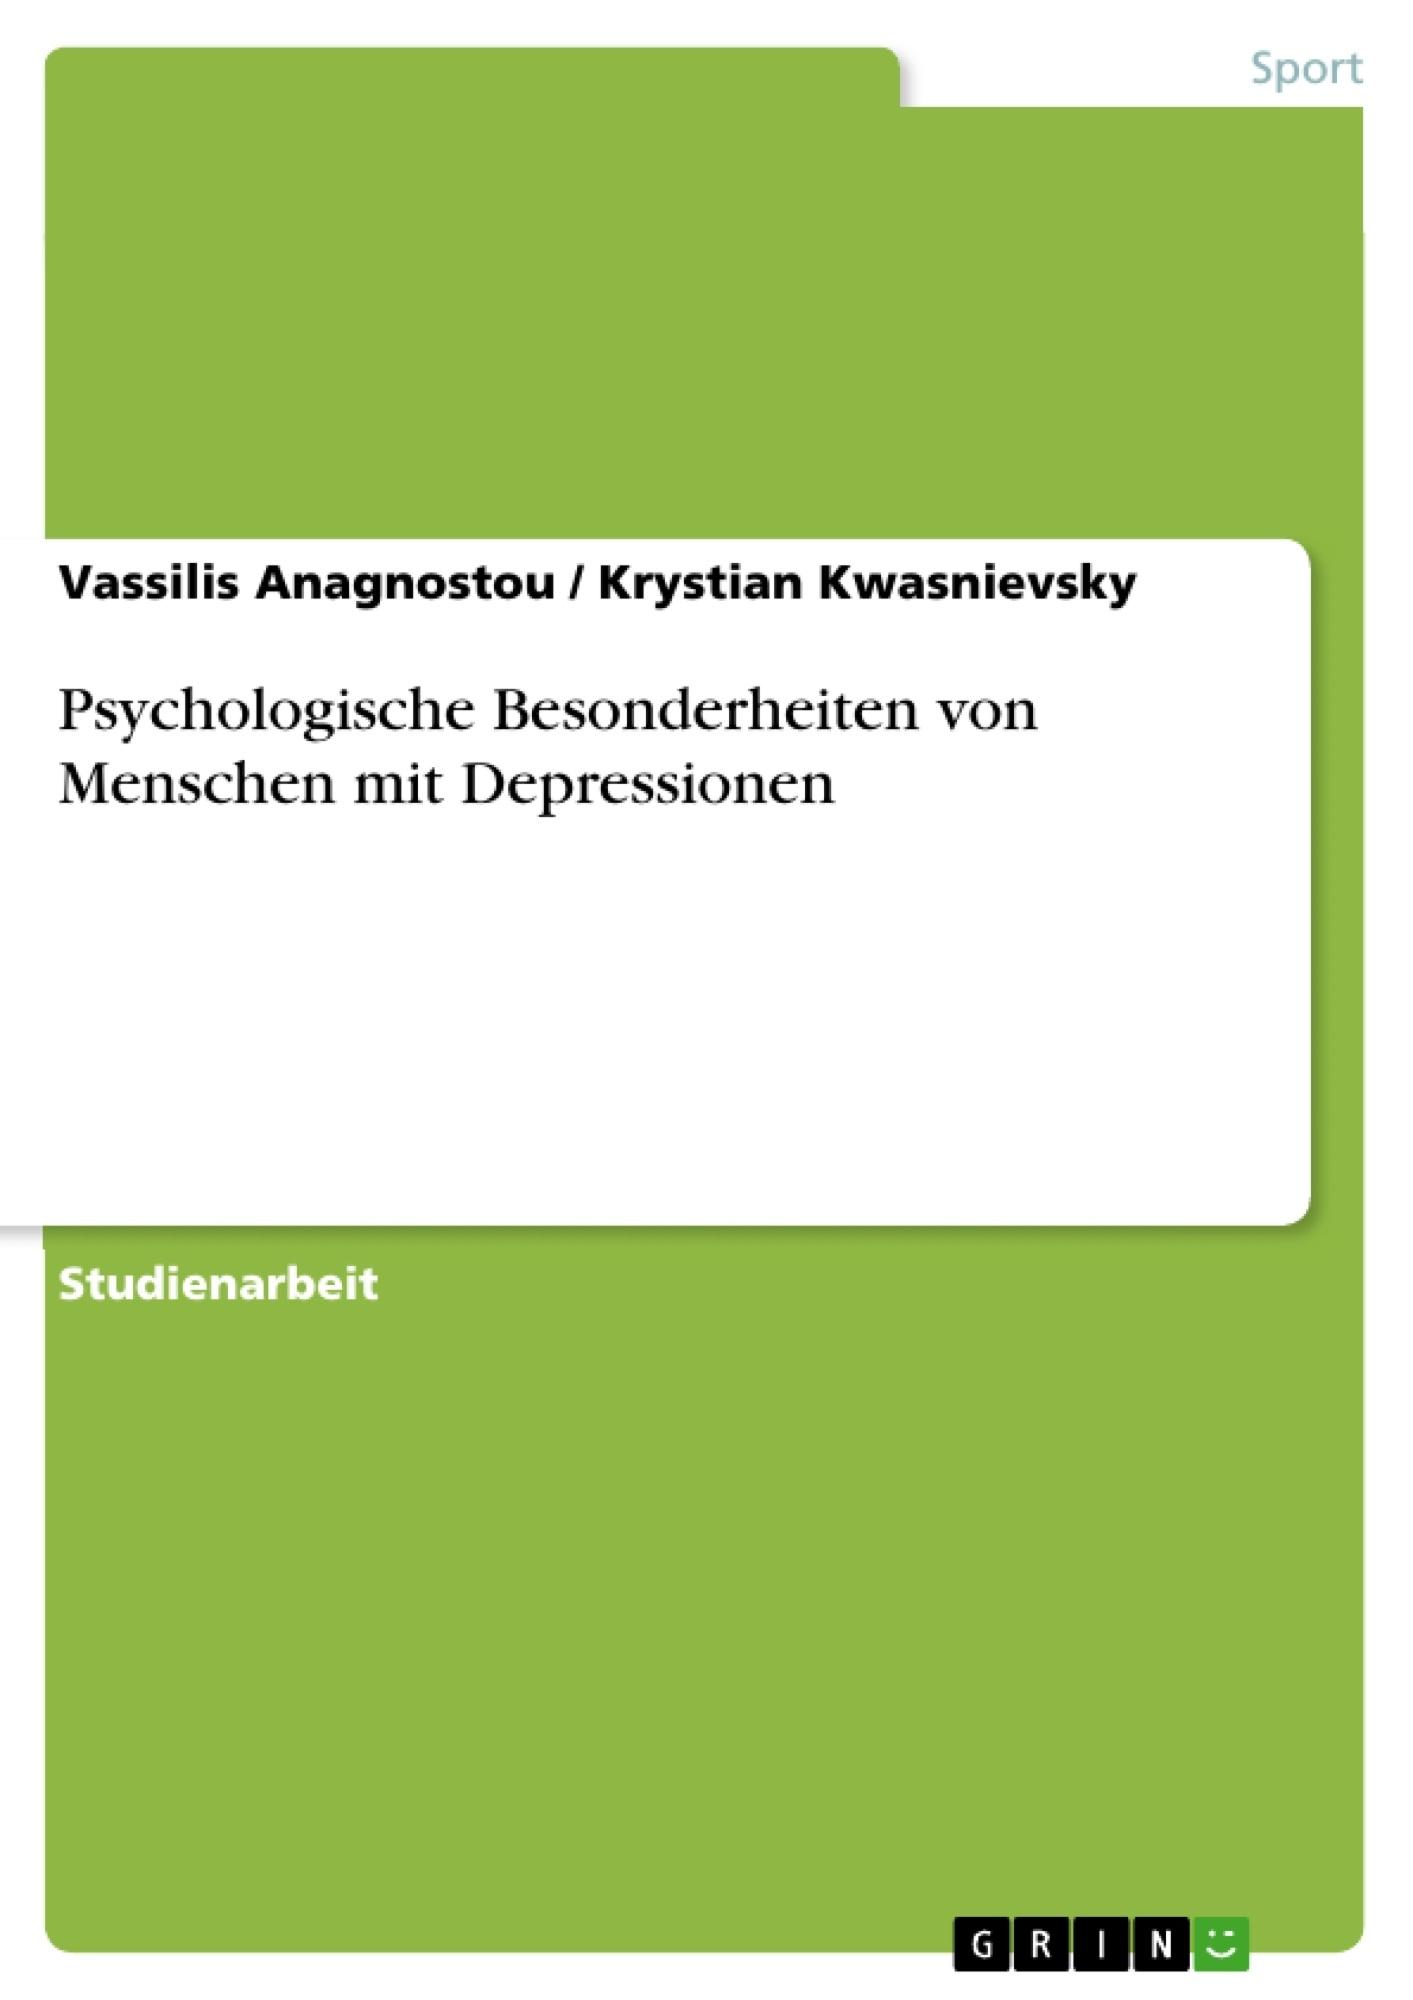 Titel: Psychologische Besonderheiten von Menschen mit Depressionen